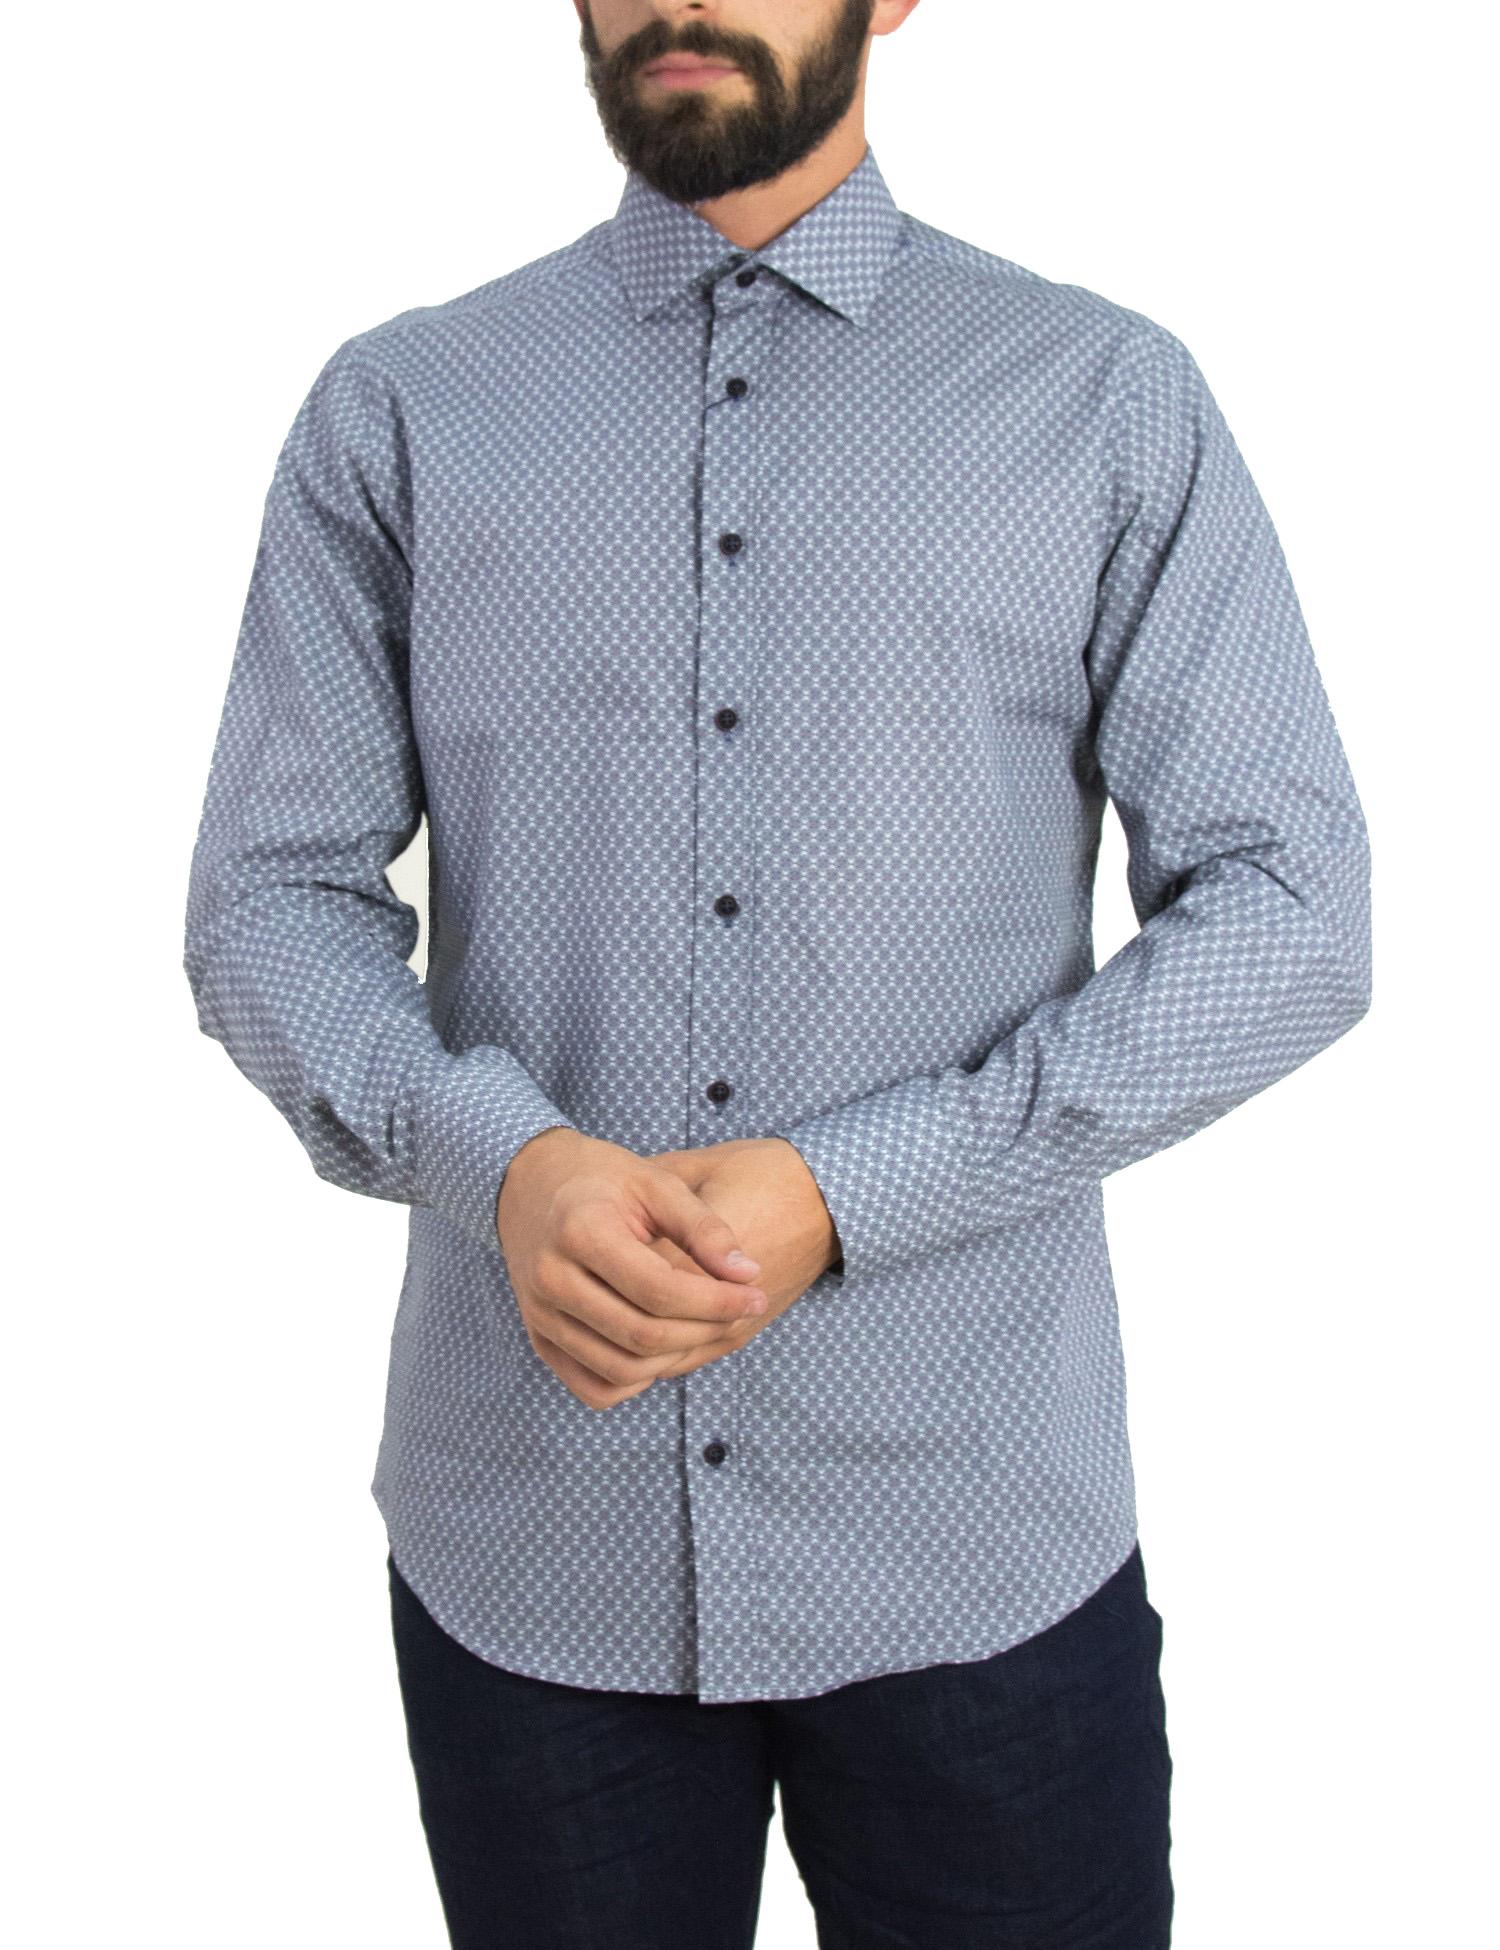 2f6866d912fd Gio.S Ανδρικό λευκό πουκάμισο με μικροσχέδιο GioS 9507W18 - Glami.gr